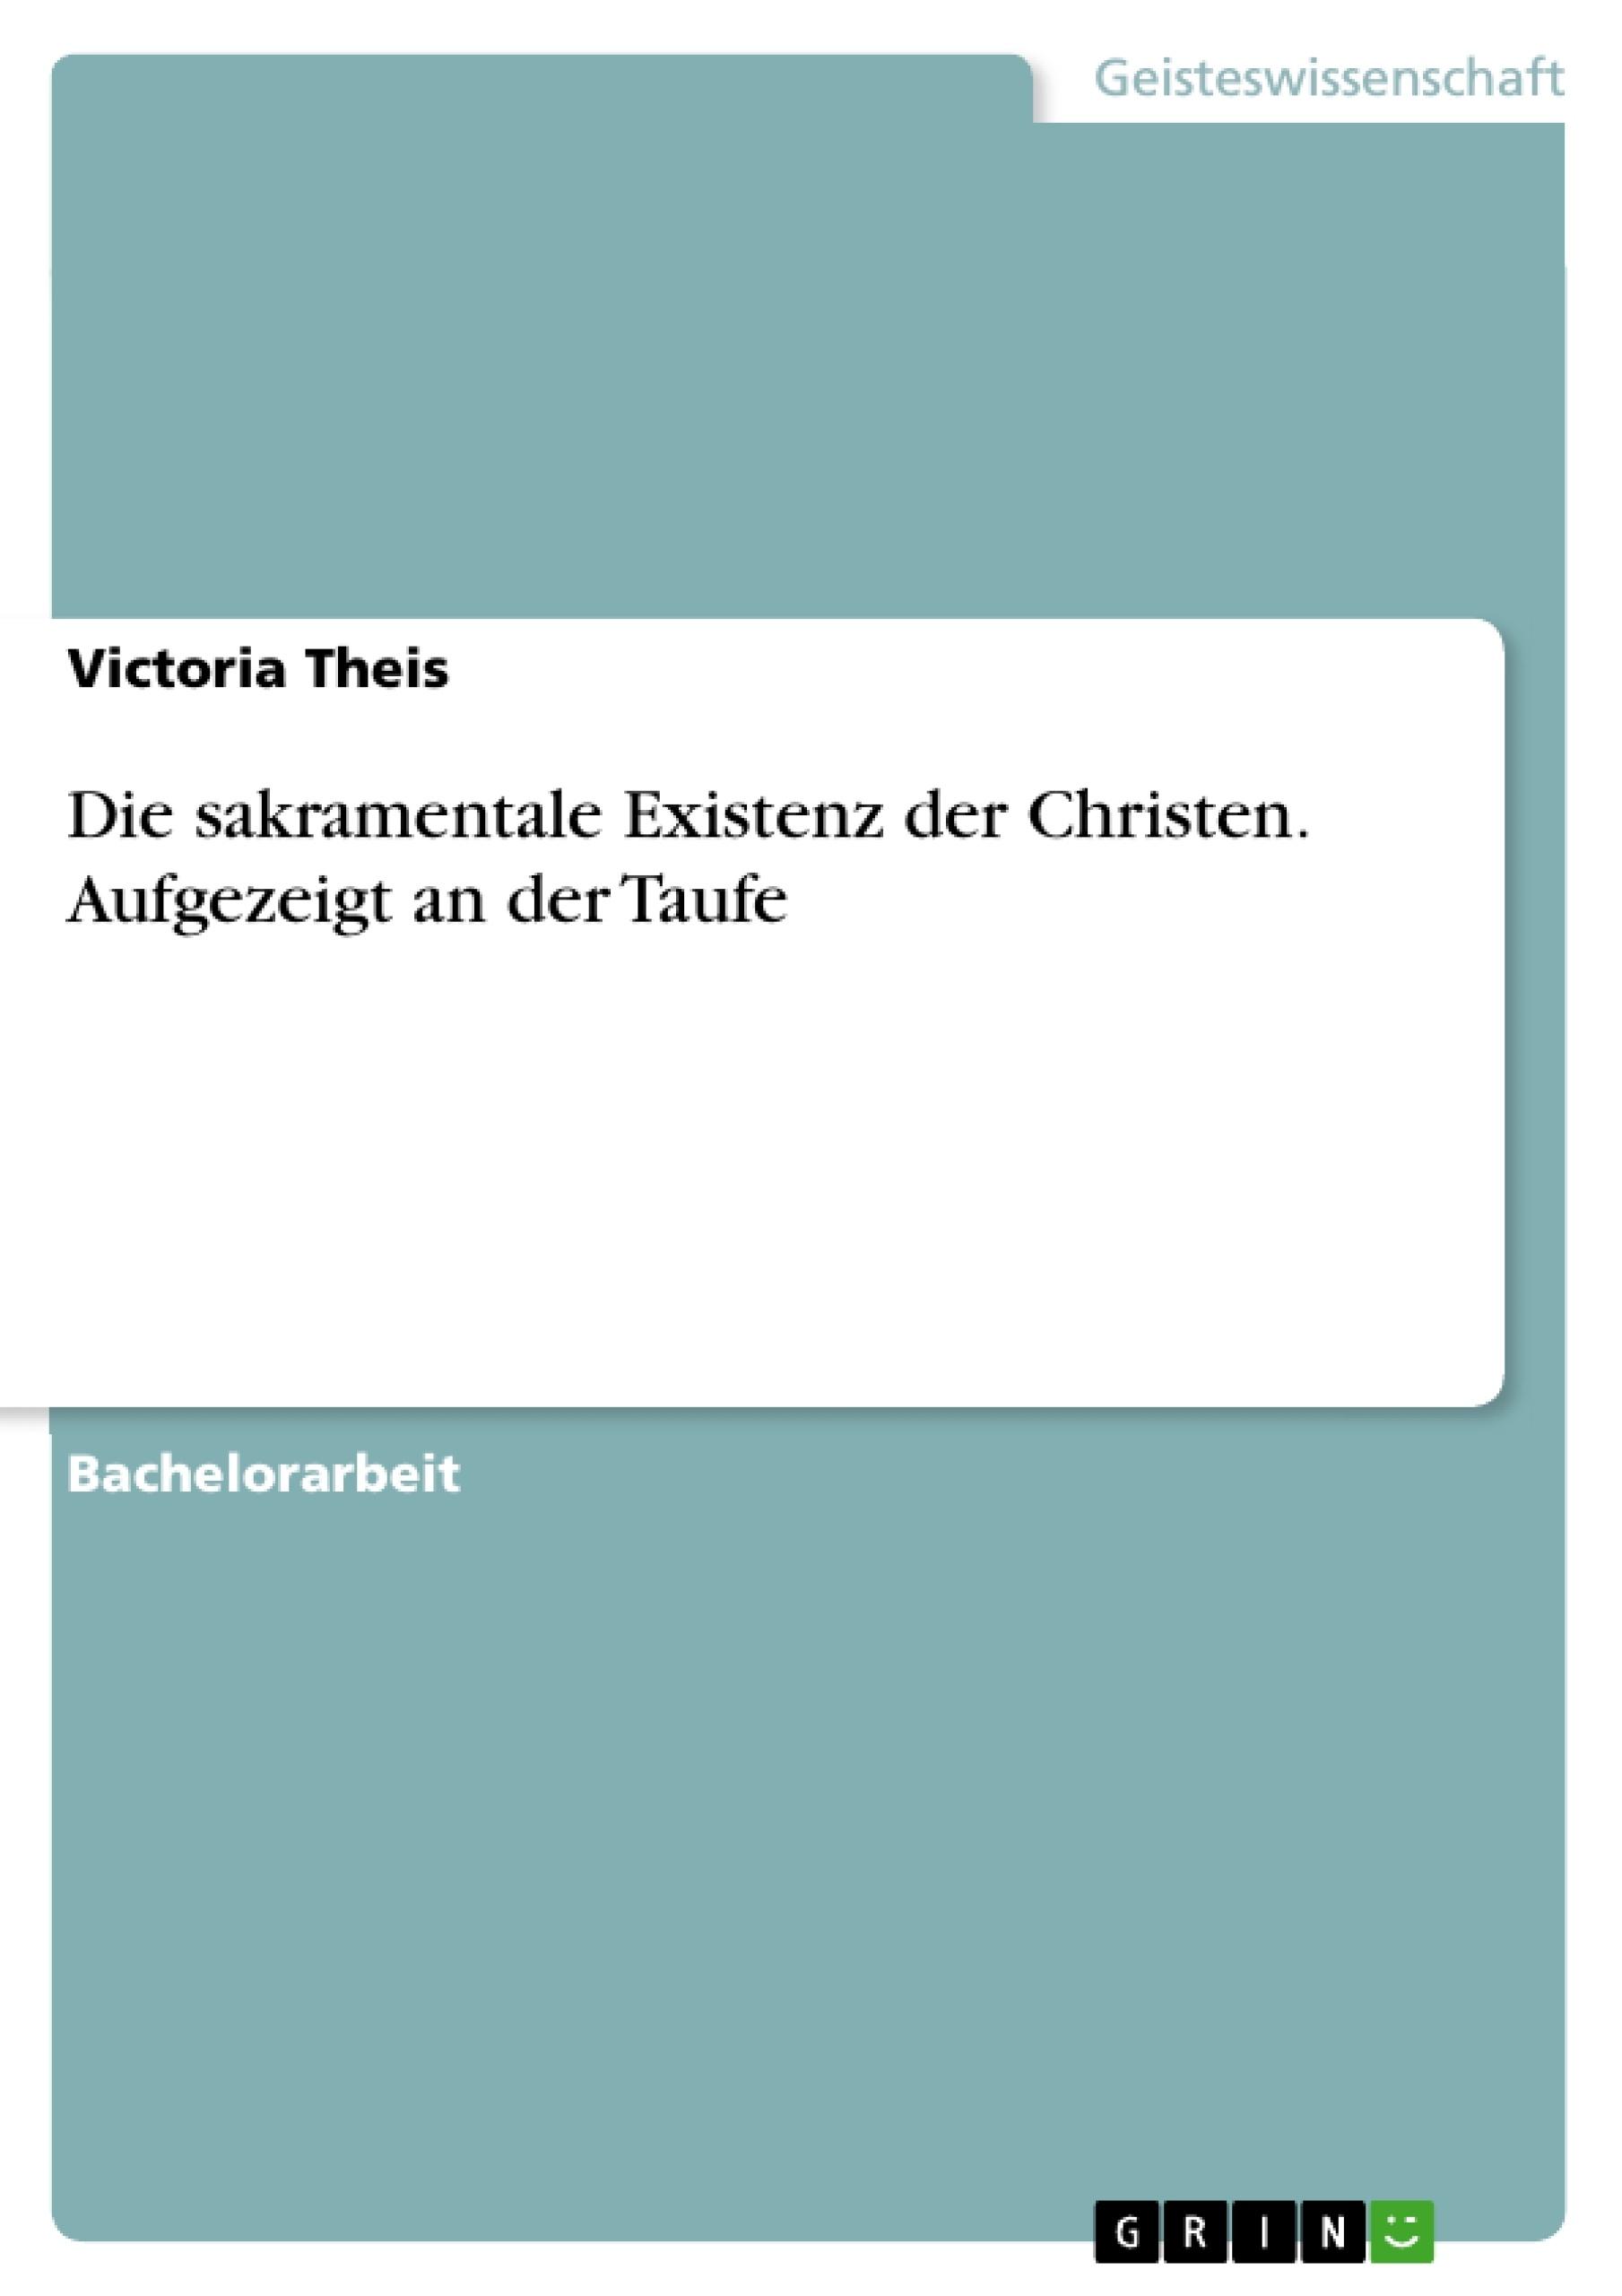 Titel: Die sakramentale Existenz der Christen. Aufgezeigt an der Taufe